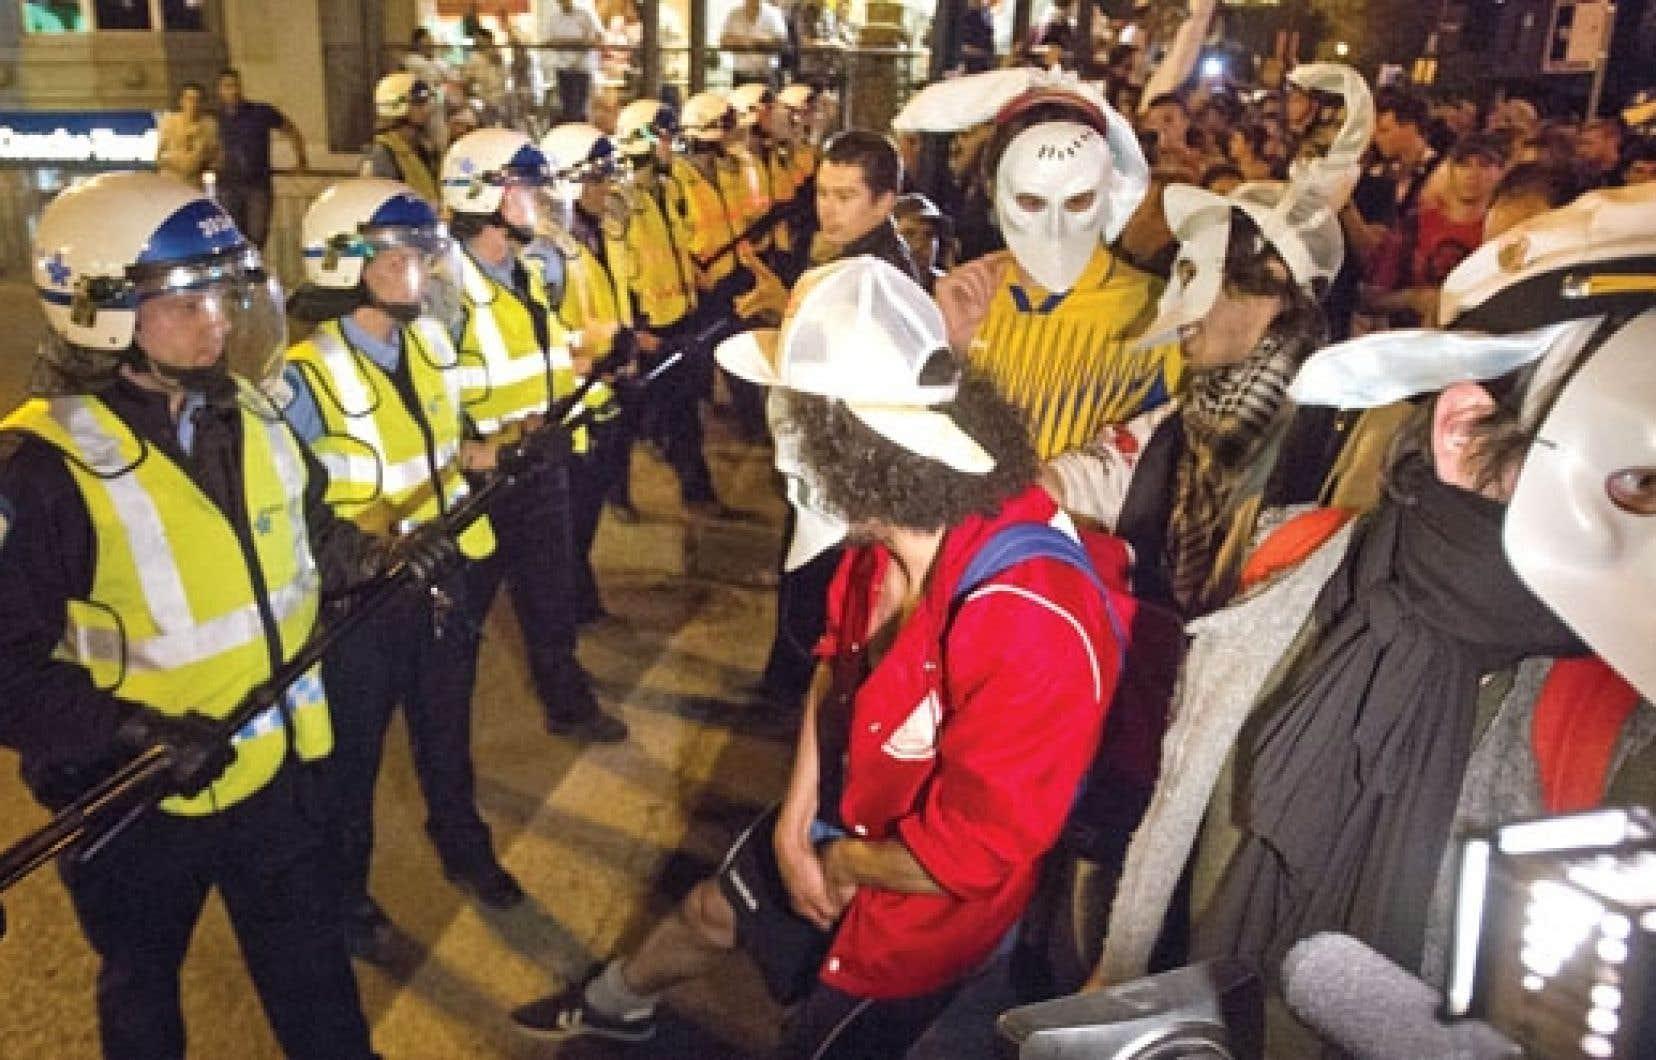 Manifestation nocturne à Montréal dans le cadre du printemps érable. Alors que personne ne nous protège de la police, comment s'étonner que la manifestation contre la brutalité policière exprime tant de colère ? se demande l'auteur.